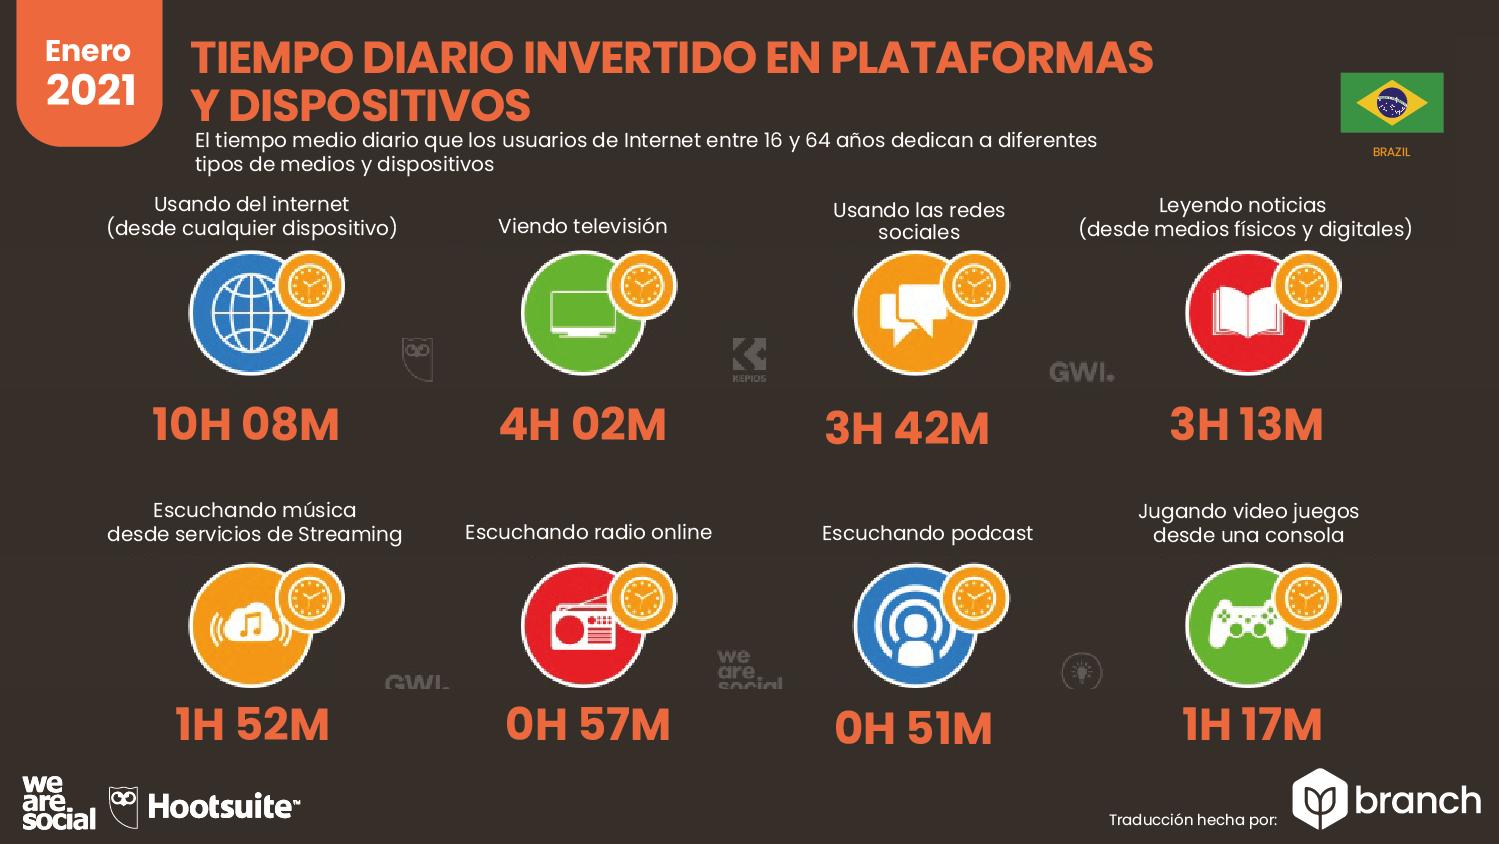 tiempo-invertido-en-plataformas-por-dispositivo-brasil-2020-2021